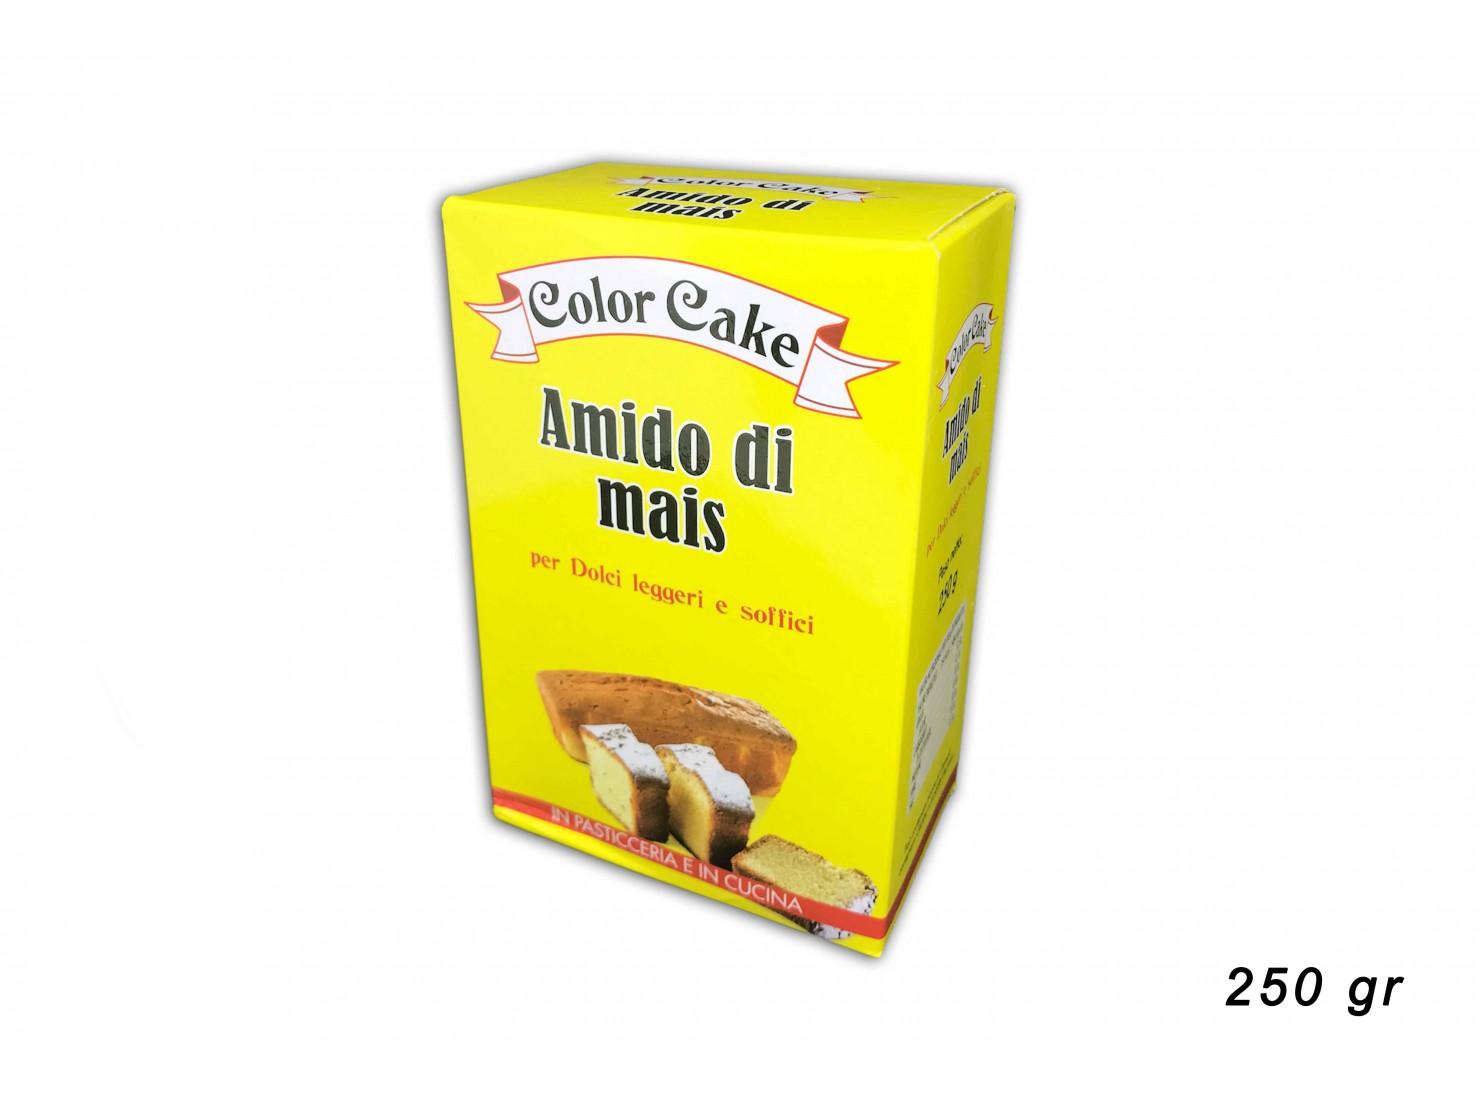 AMIDO DI MAIS 250 GR